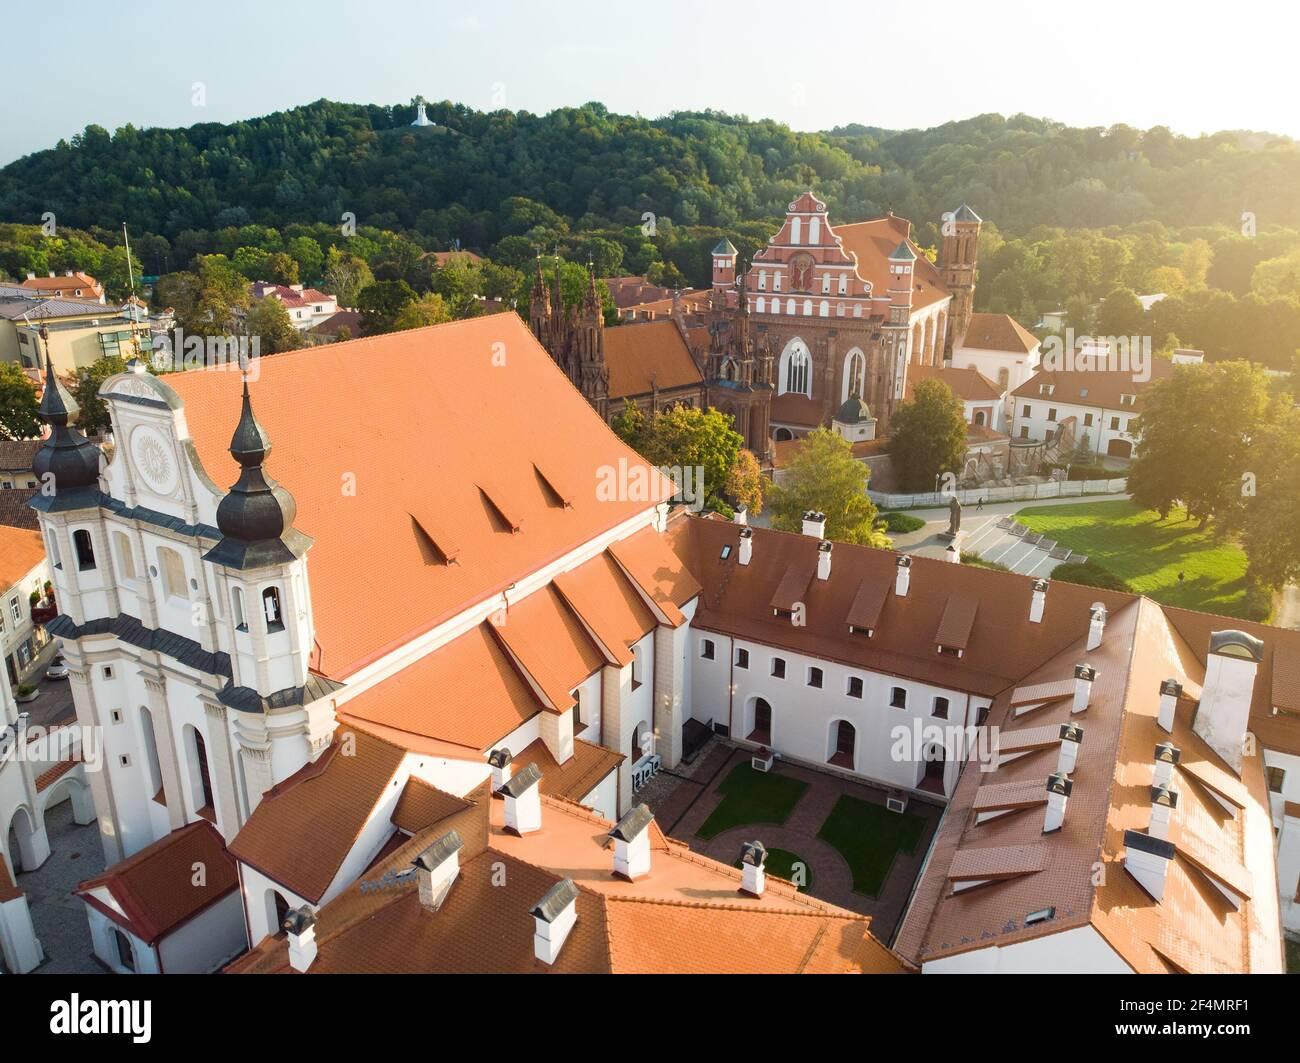 Vue aérienne de la vieille ville de Vilnius, l'une des plus grandes villes médiévales d'Europe du Nord. Paysage d'été de la vieille ville inscrite au patrimoine mondial de l'UNESCO Banque D'Images